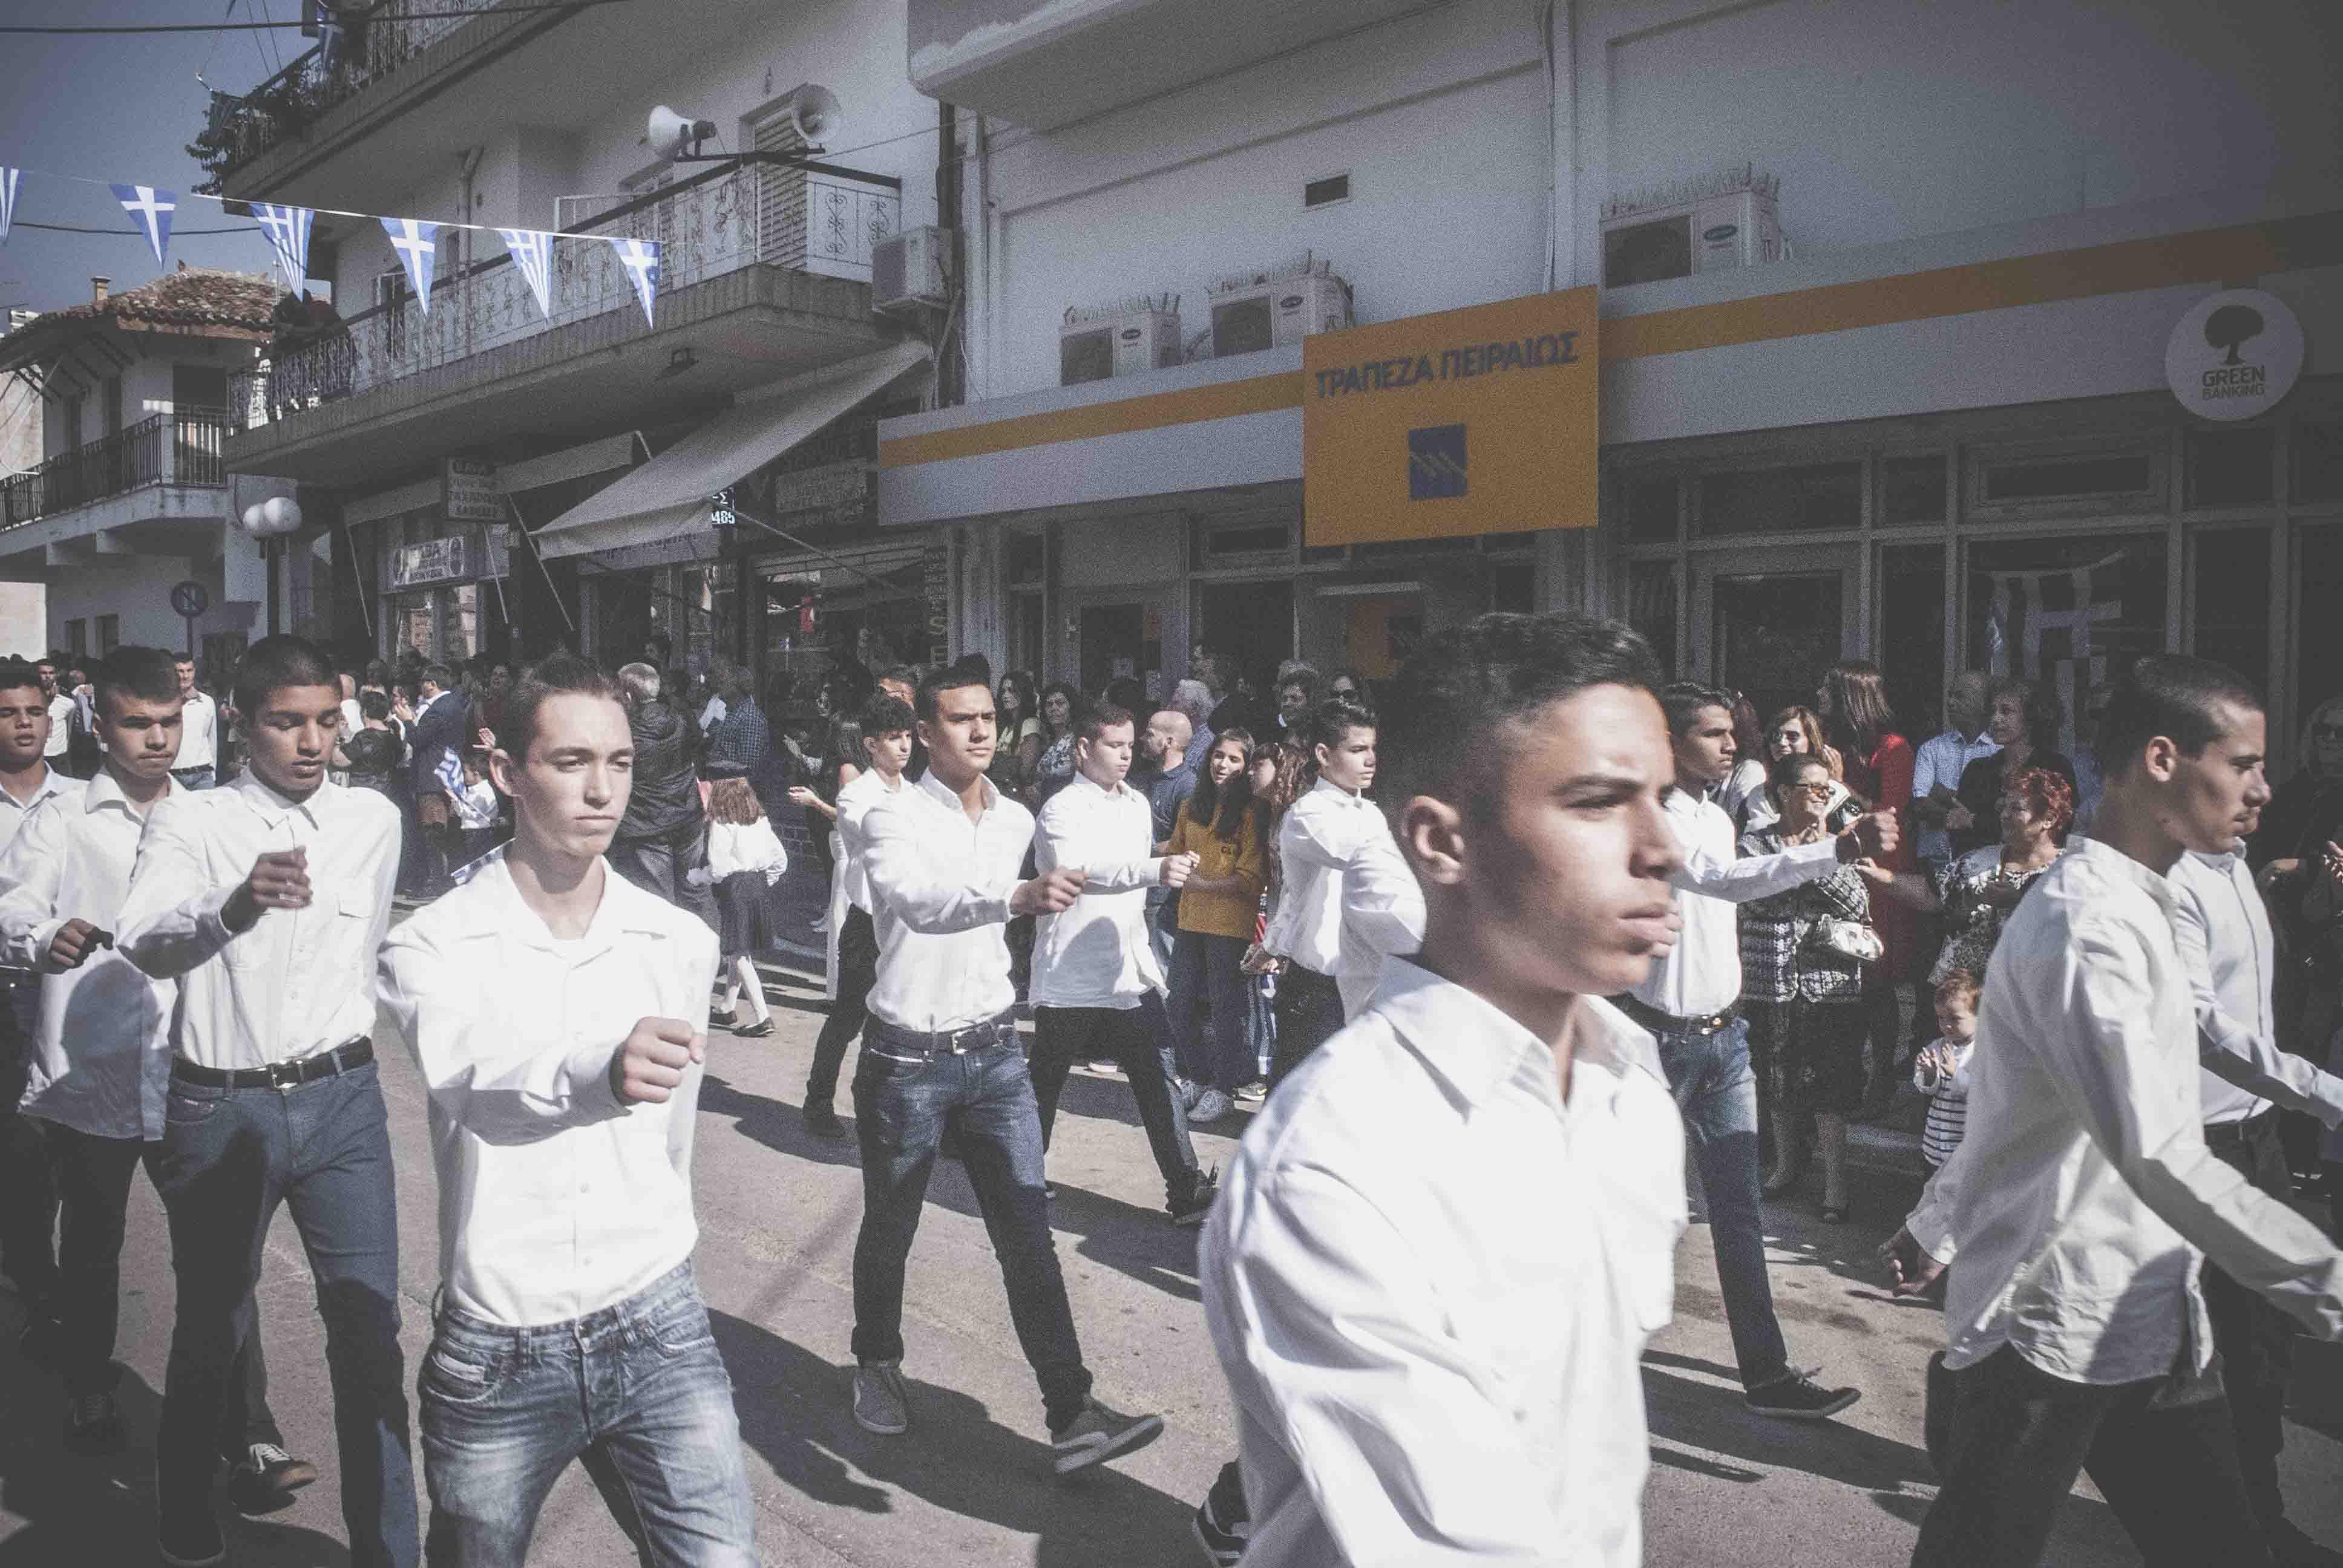 Φωτογραφικό υλικό από την παρέλαση στα Ψαχνά Φωτογραφικό υλικό από την παρέλαση στα Ψαχνά DSC 0432